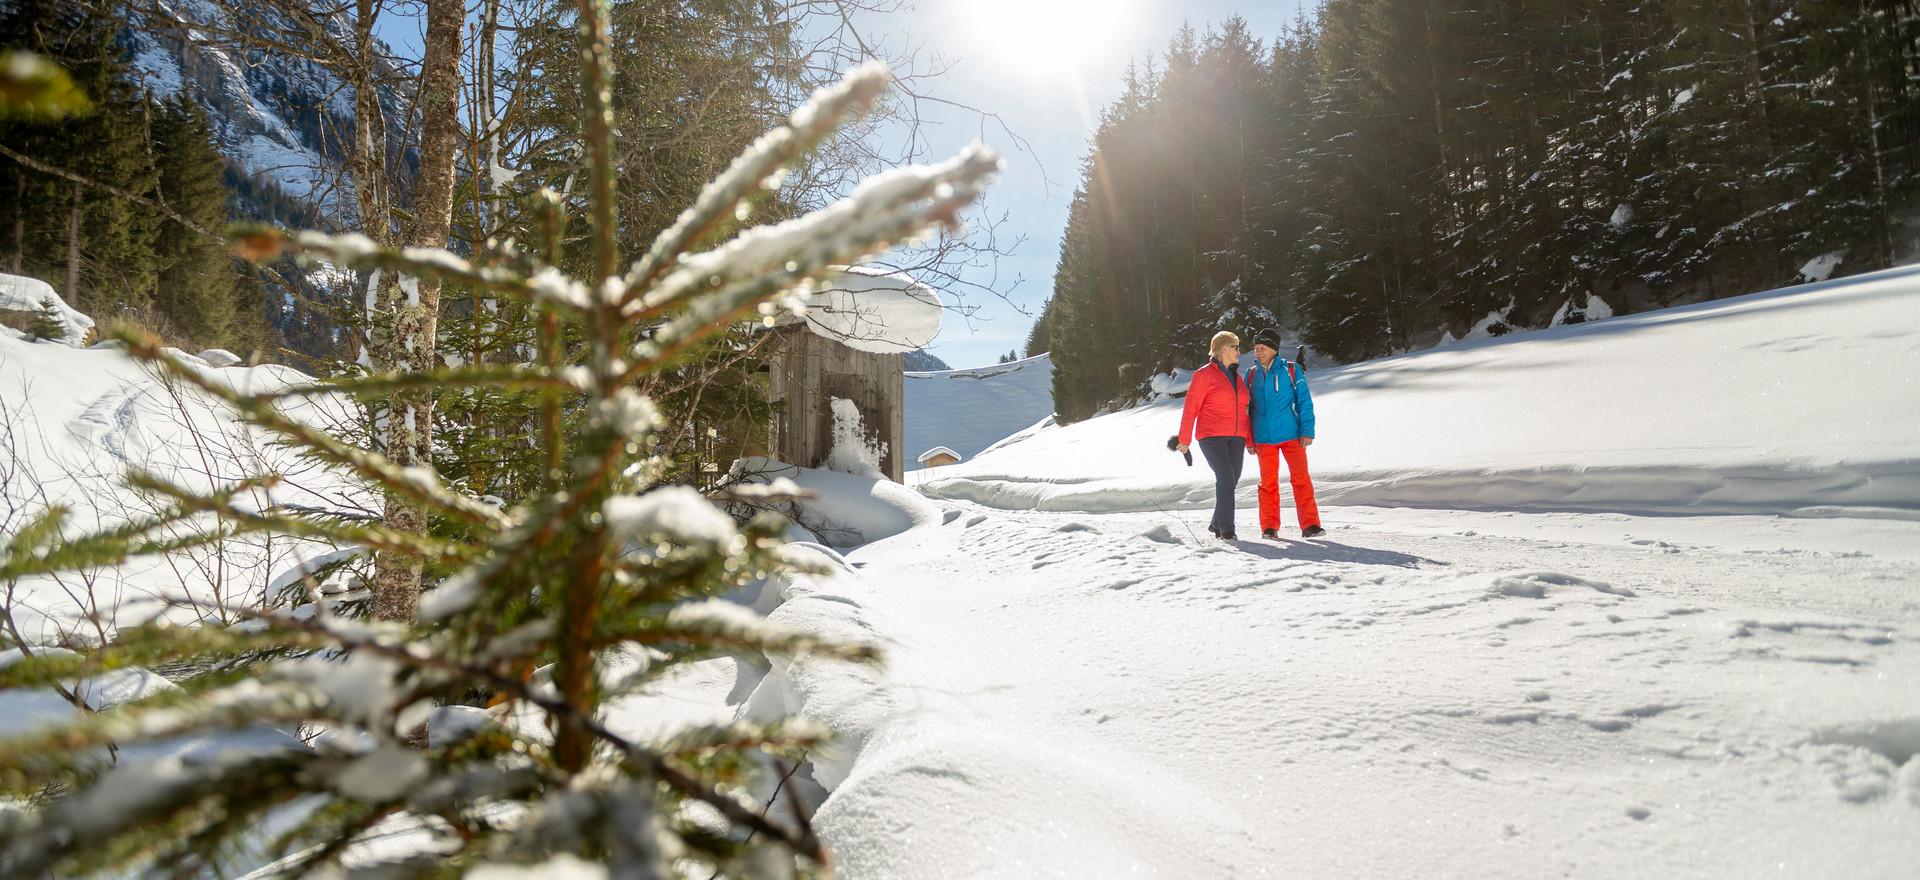 Winterwandern in der Naturpark- & Gletscherregion Kaunertal